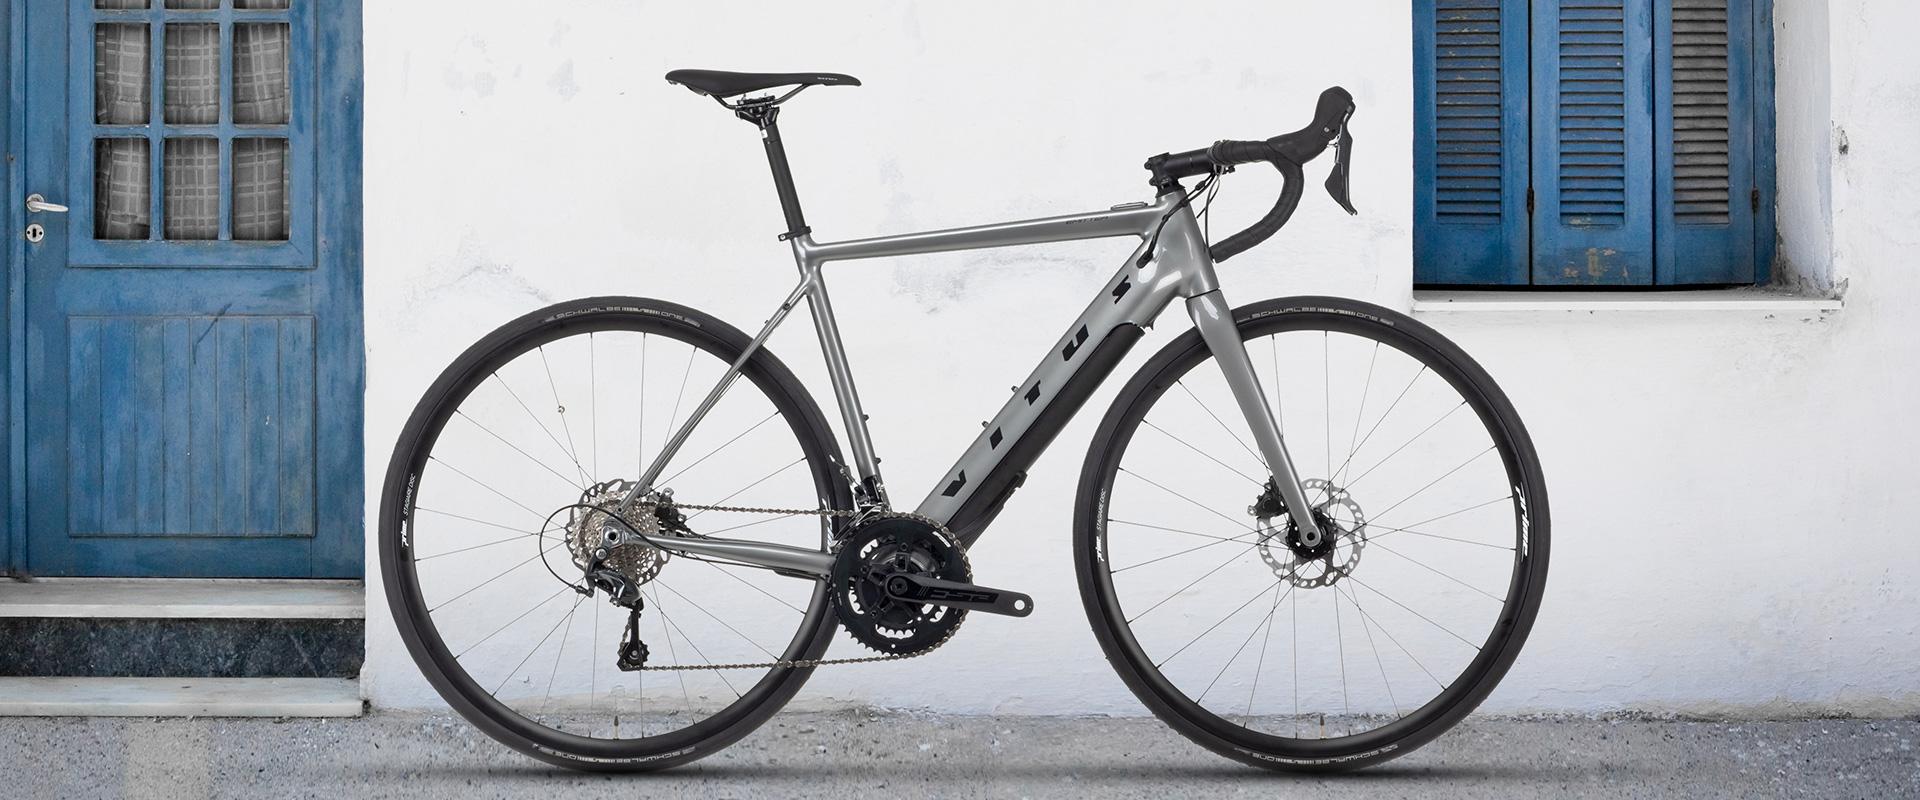 Vitus Emitter Aluminium E Road Bike Fazua